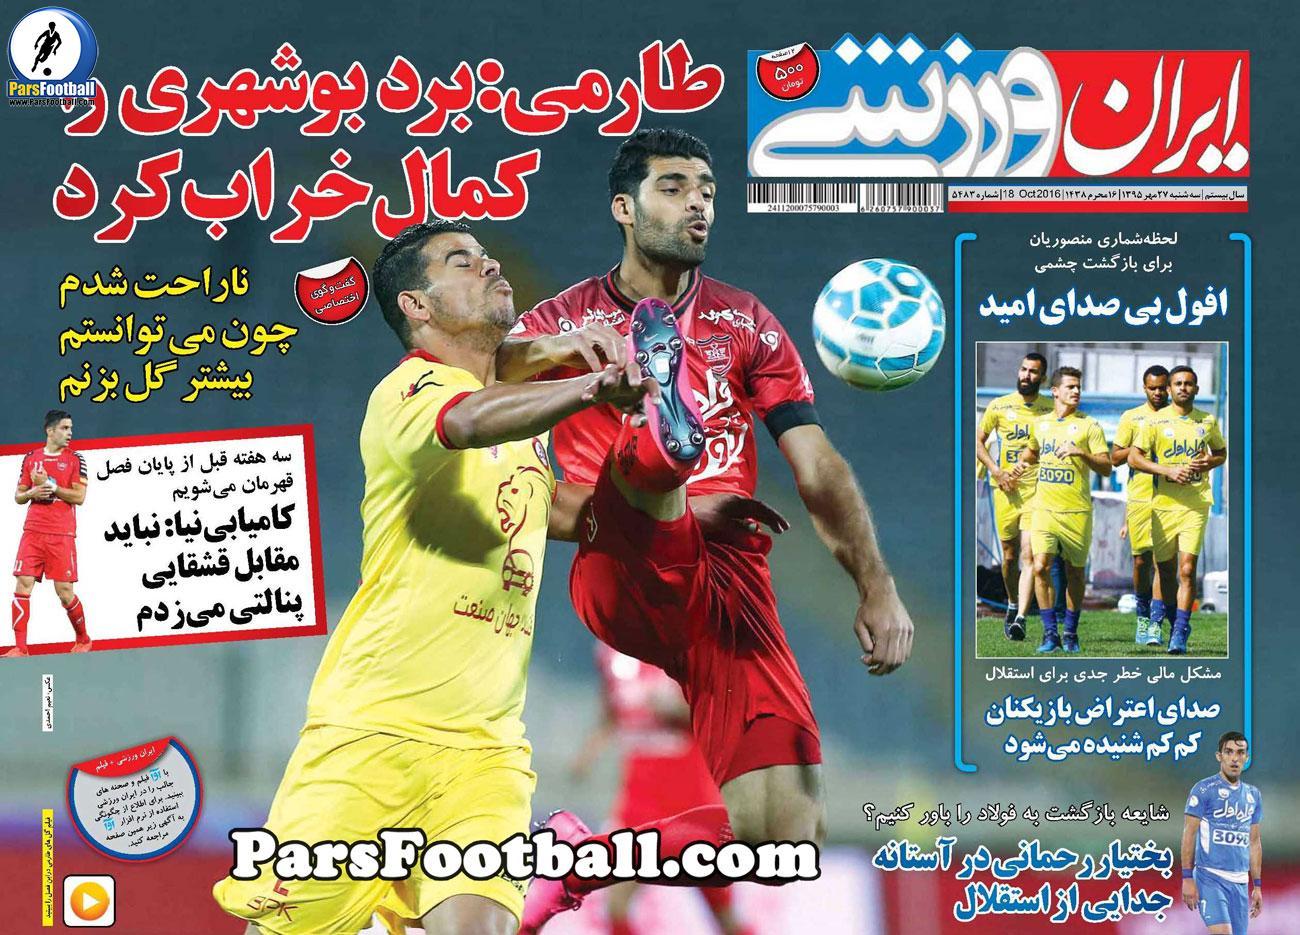 روزنامه ایران ورزشی سه شنبه 27 مهر 95